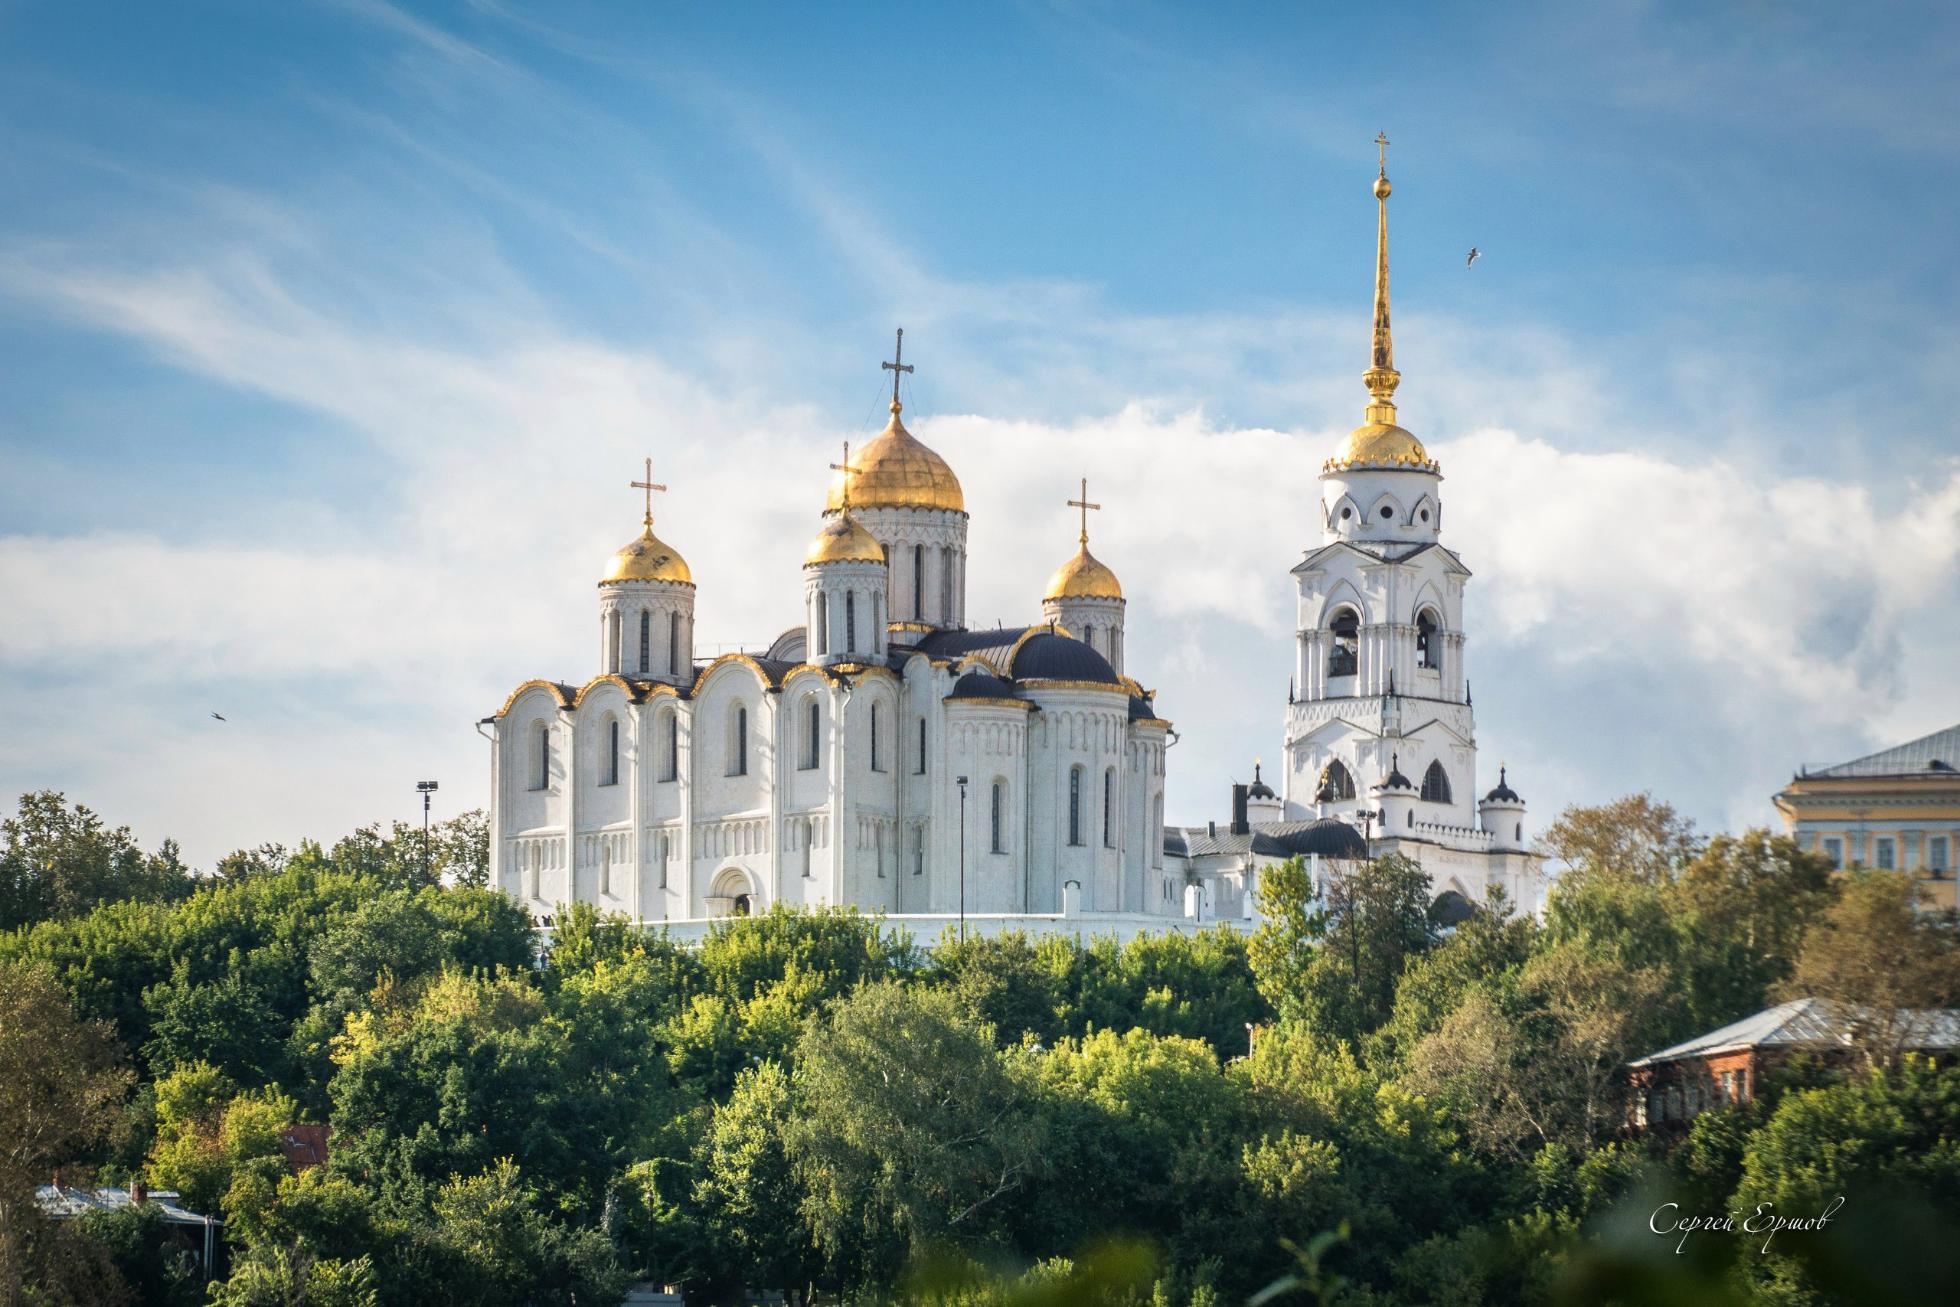 владимир церкви фото кубаньфарфор официальном